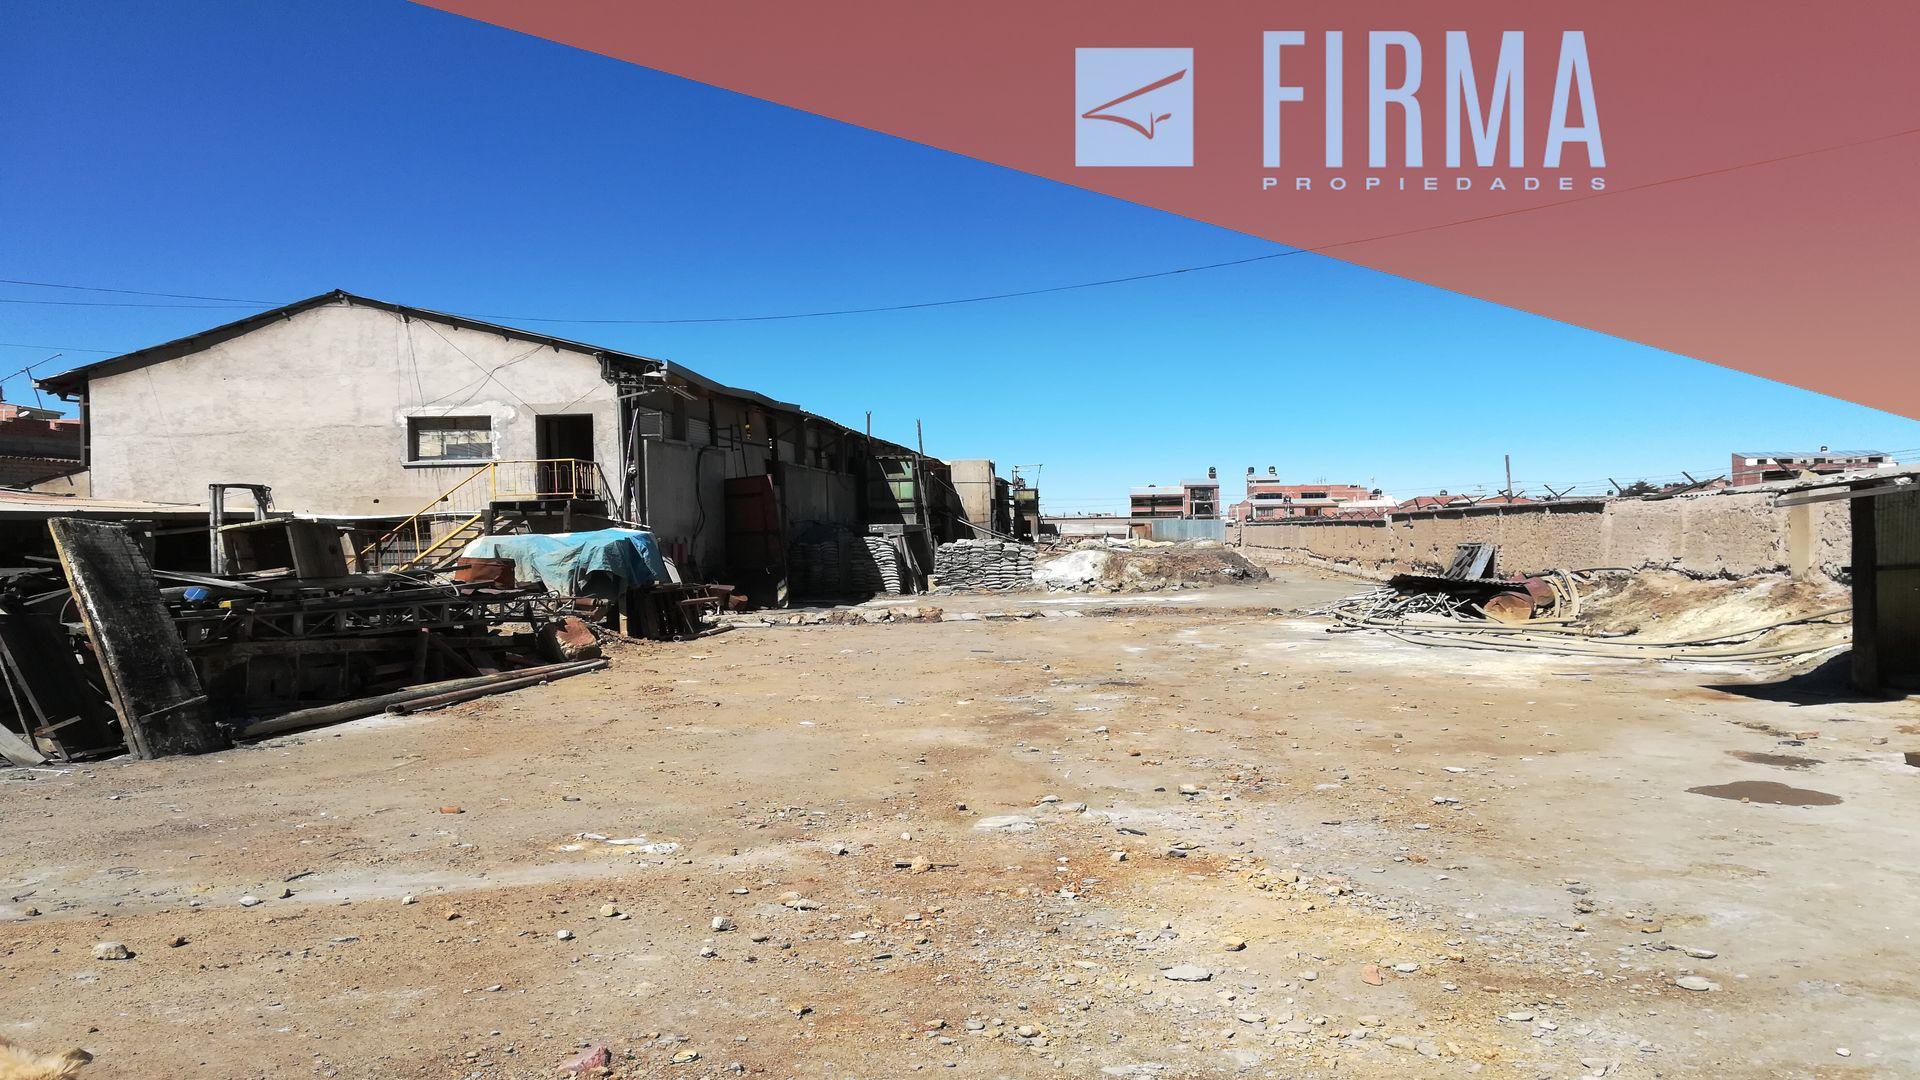 Terreno en Venta FTV18530 – COMPRA ESTE TERRENO EN ORURO Foto 3